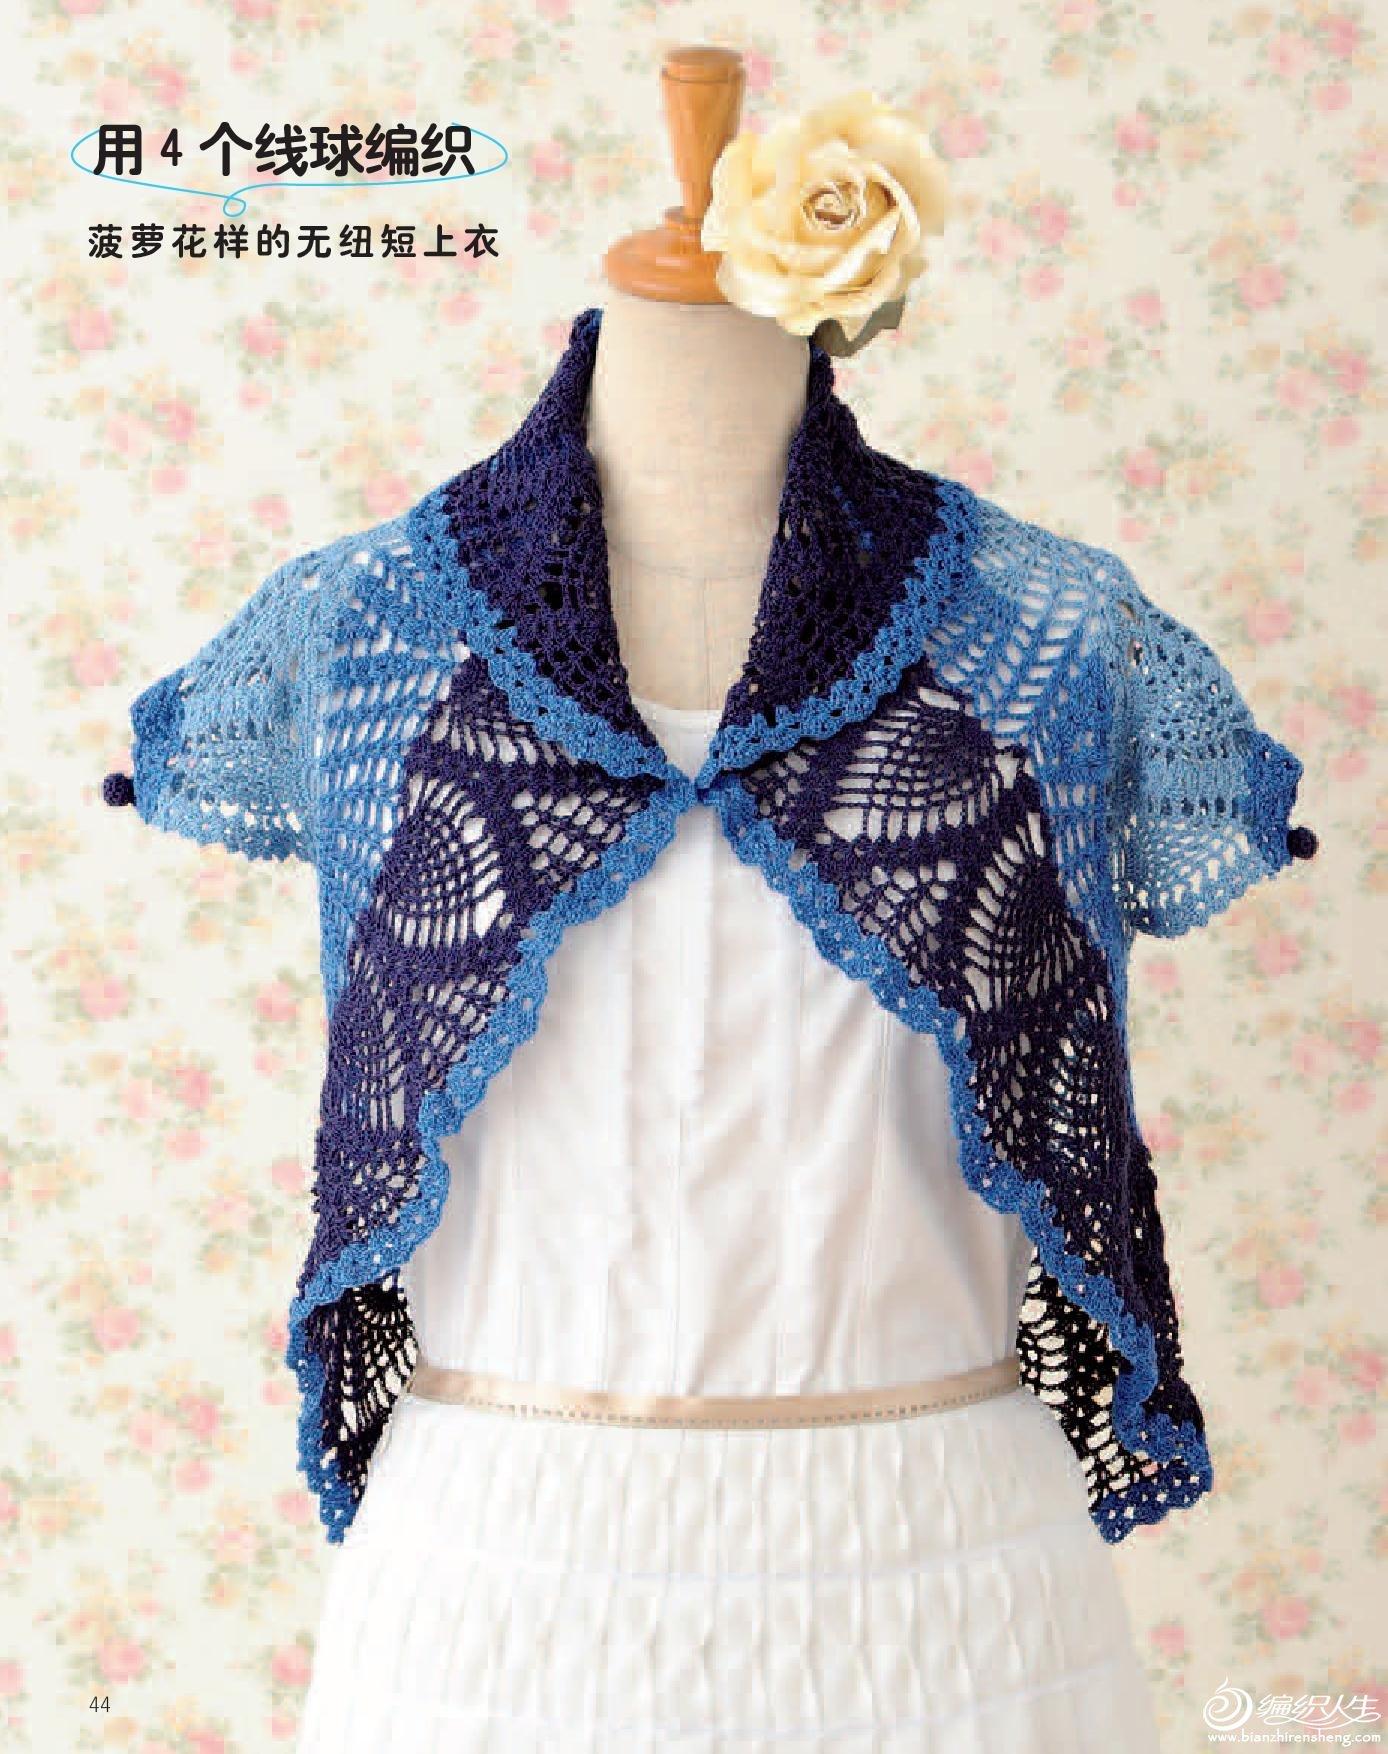 世界编织1 蕾丝编织的美丽世界-44.jpg